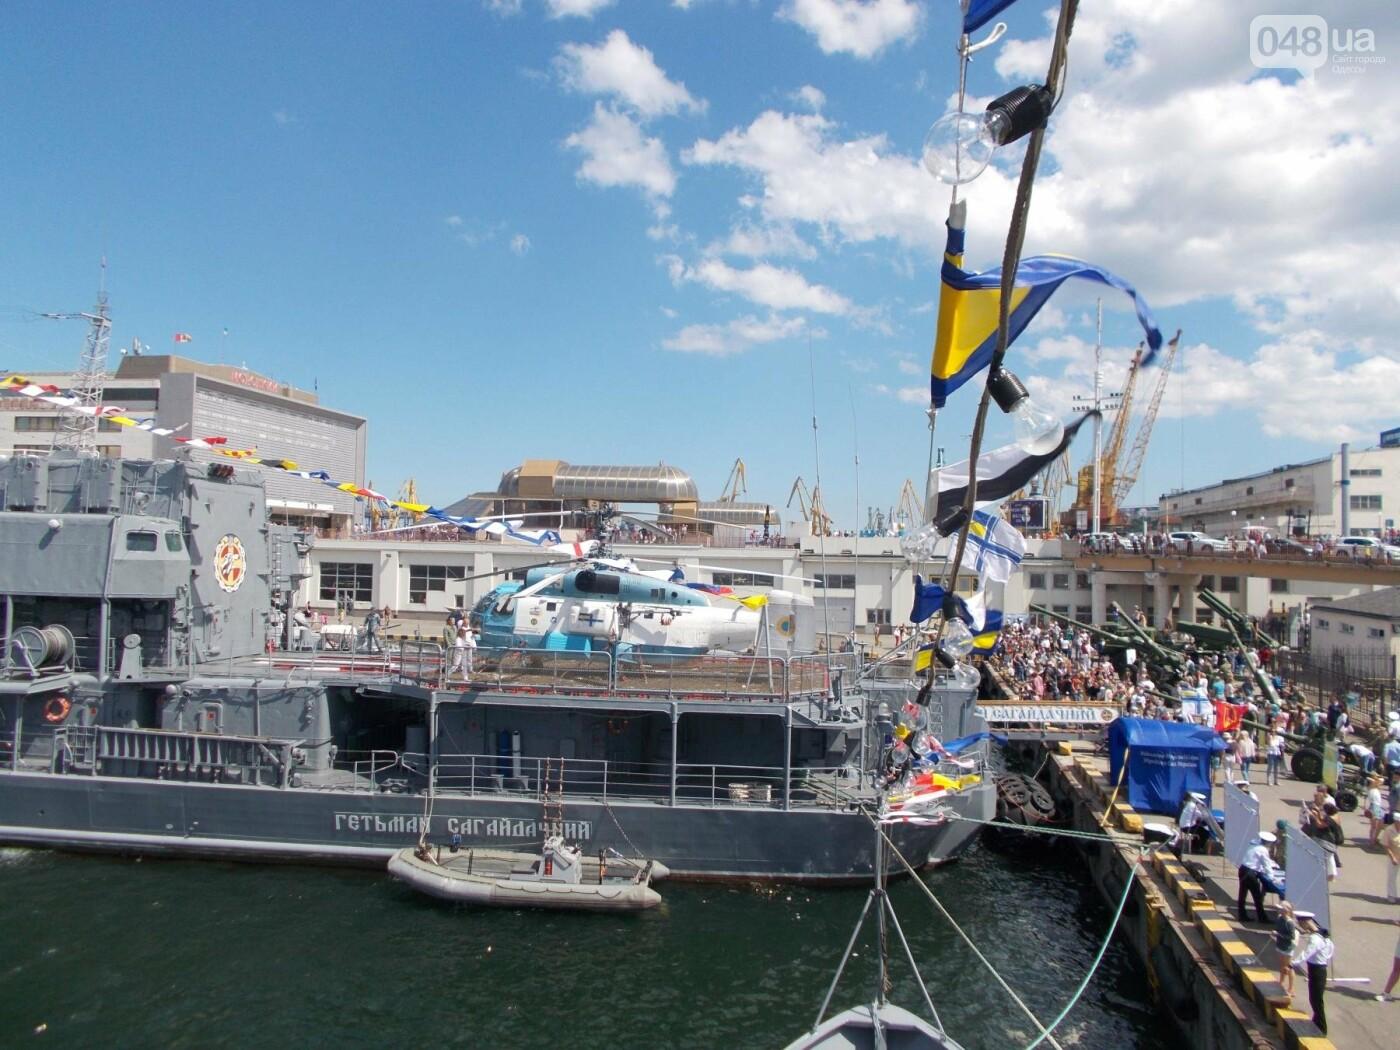 День Военно-морских сил Украины отпраздновали на Одесском морвокзале, - ФОТО , фото-17